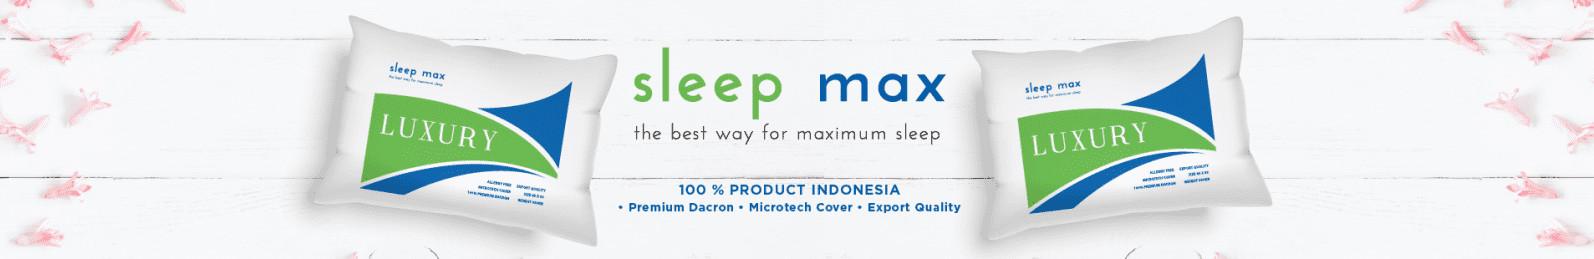 SLEEP MAX